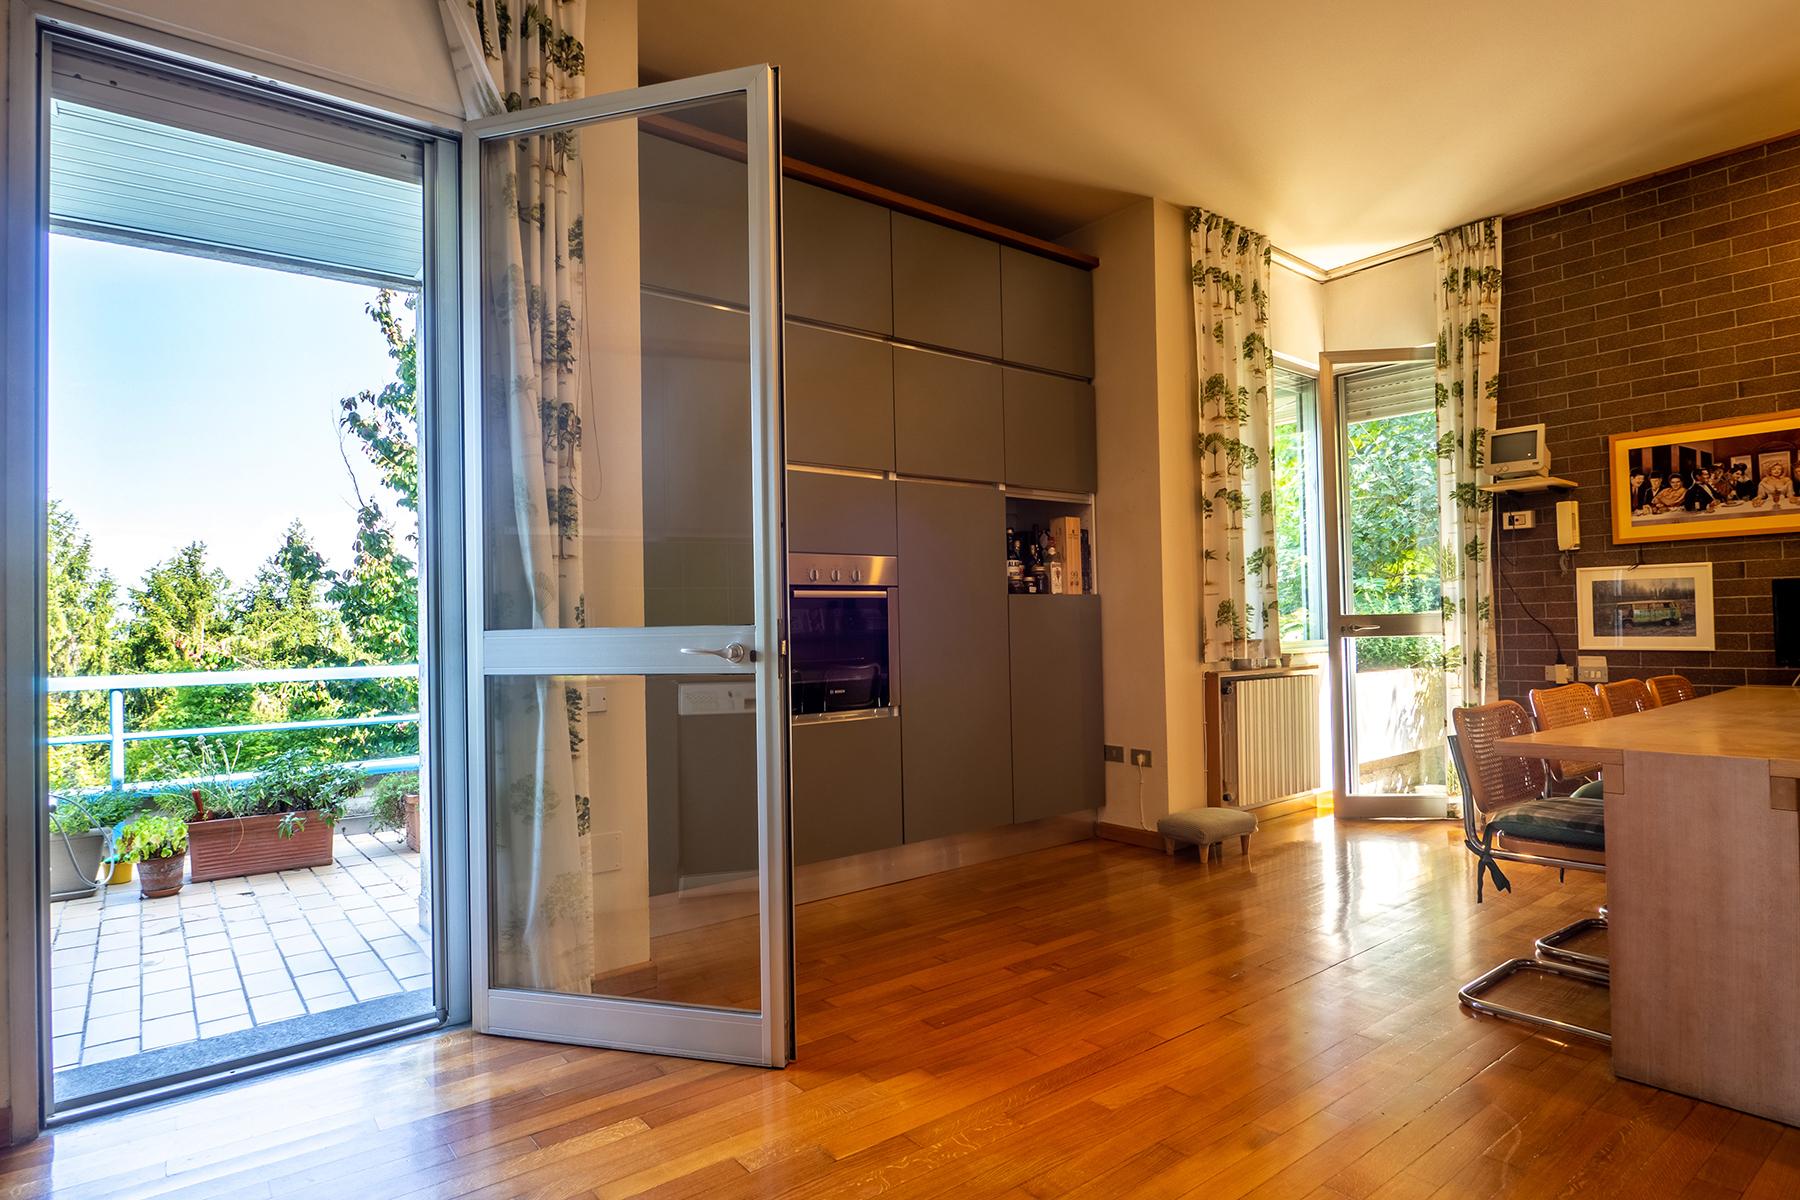 Casa indipendente in Vendita a Rosignano Monferrato: 5 locali, 290 mq - Foto 22